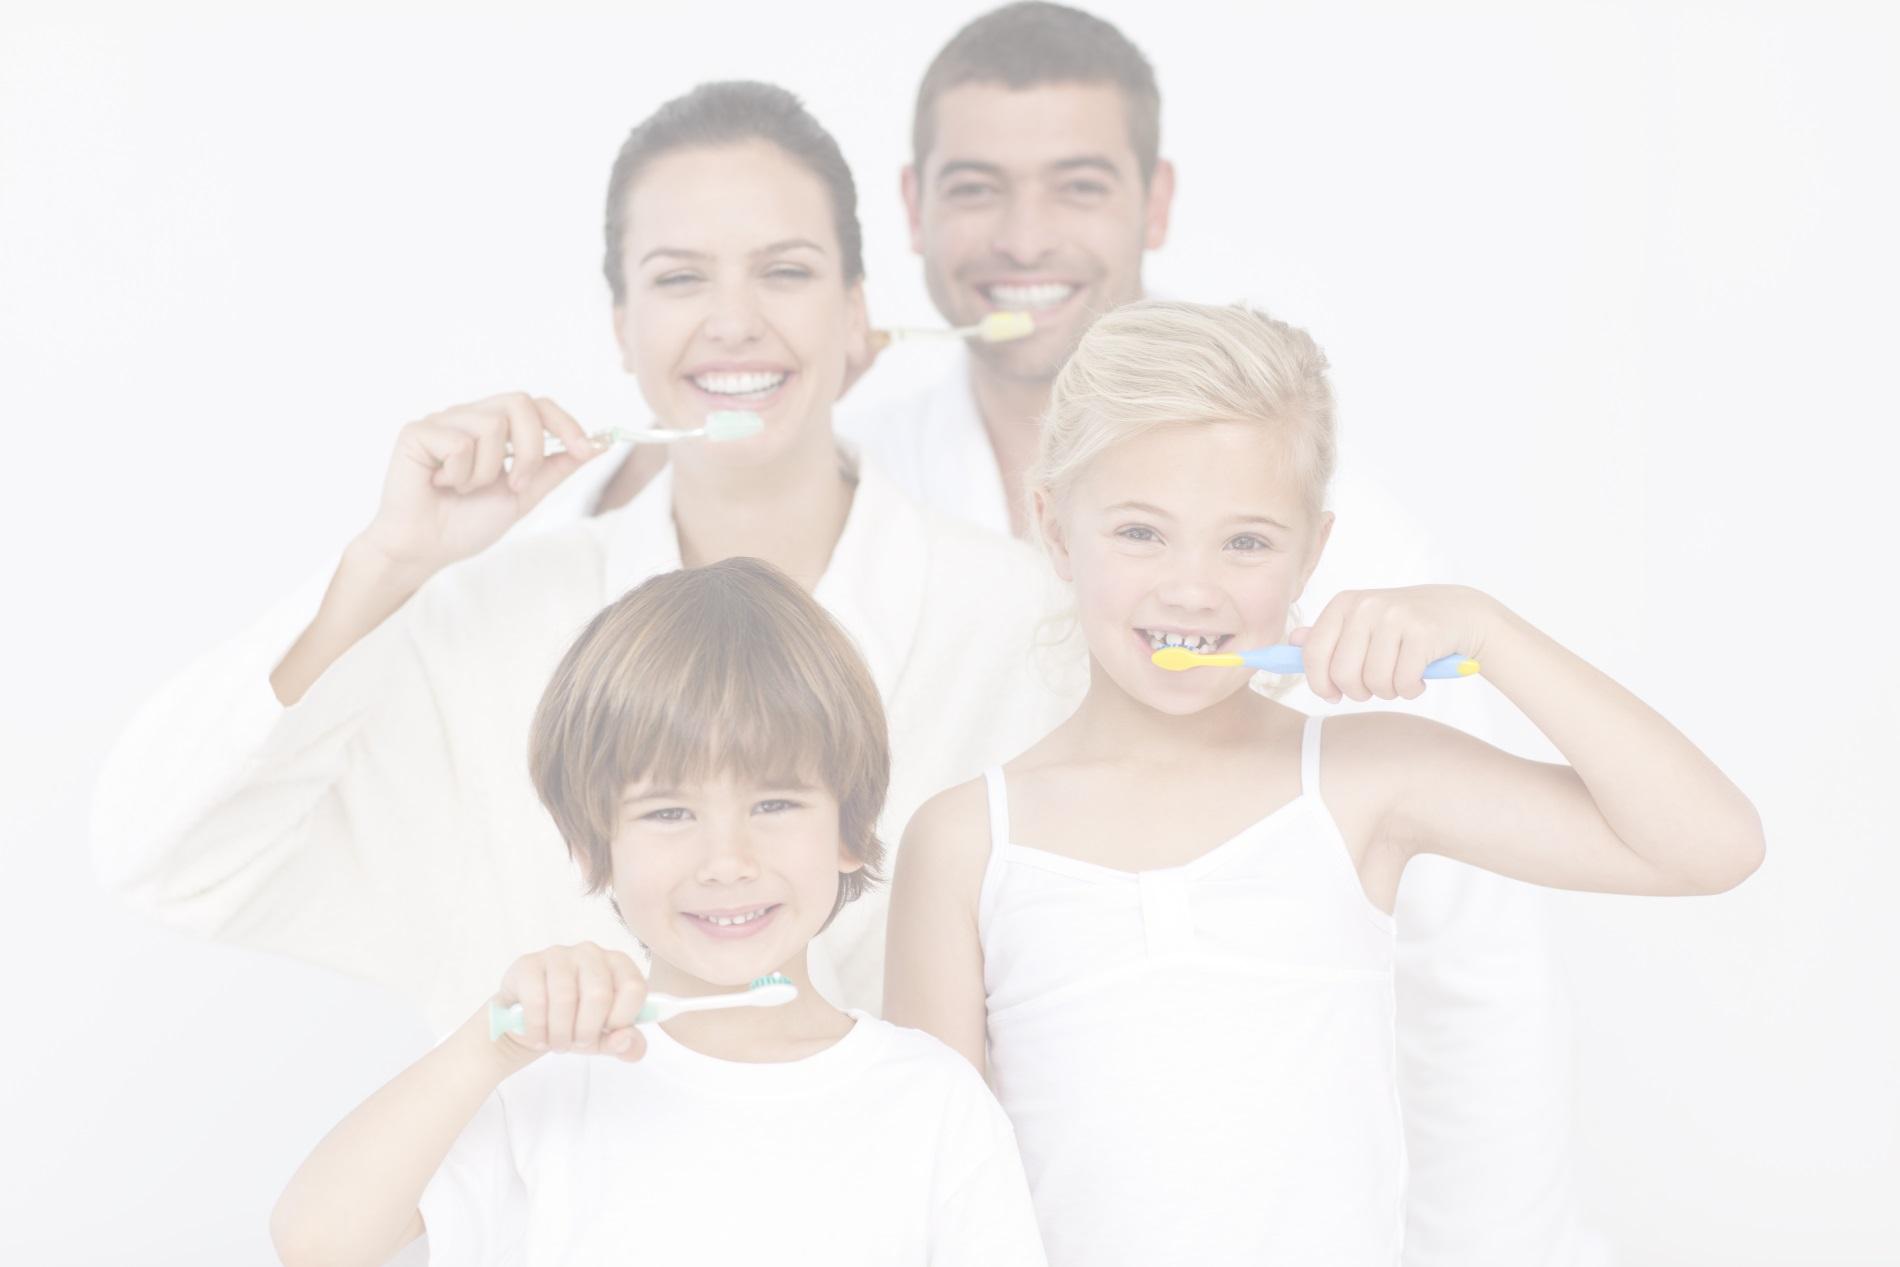 Sito in costruzione odontoiatria denti dentista Pavia clinica dentale alberto Caprioglio